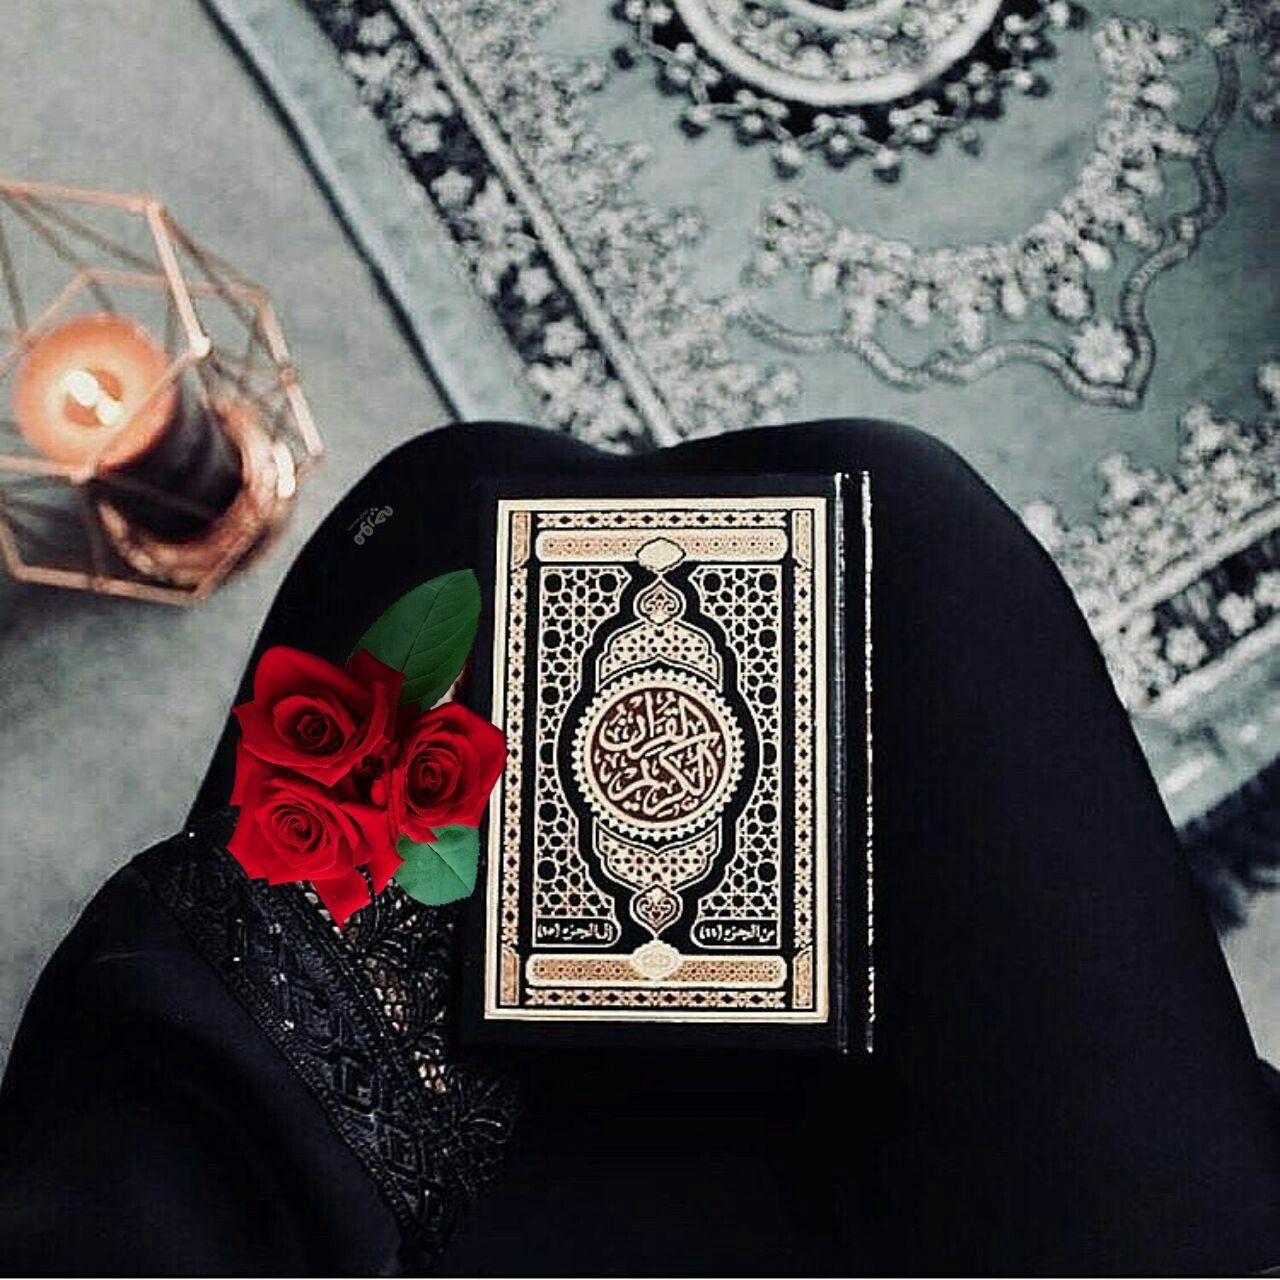 Pin By Zulfi On كتاب الل ه Quran Quran Wallpaper Mecca Islam